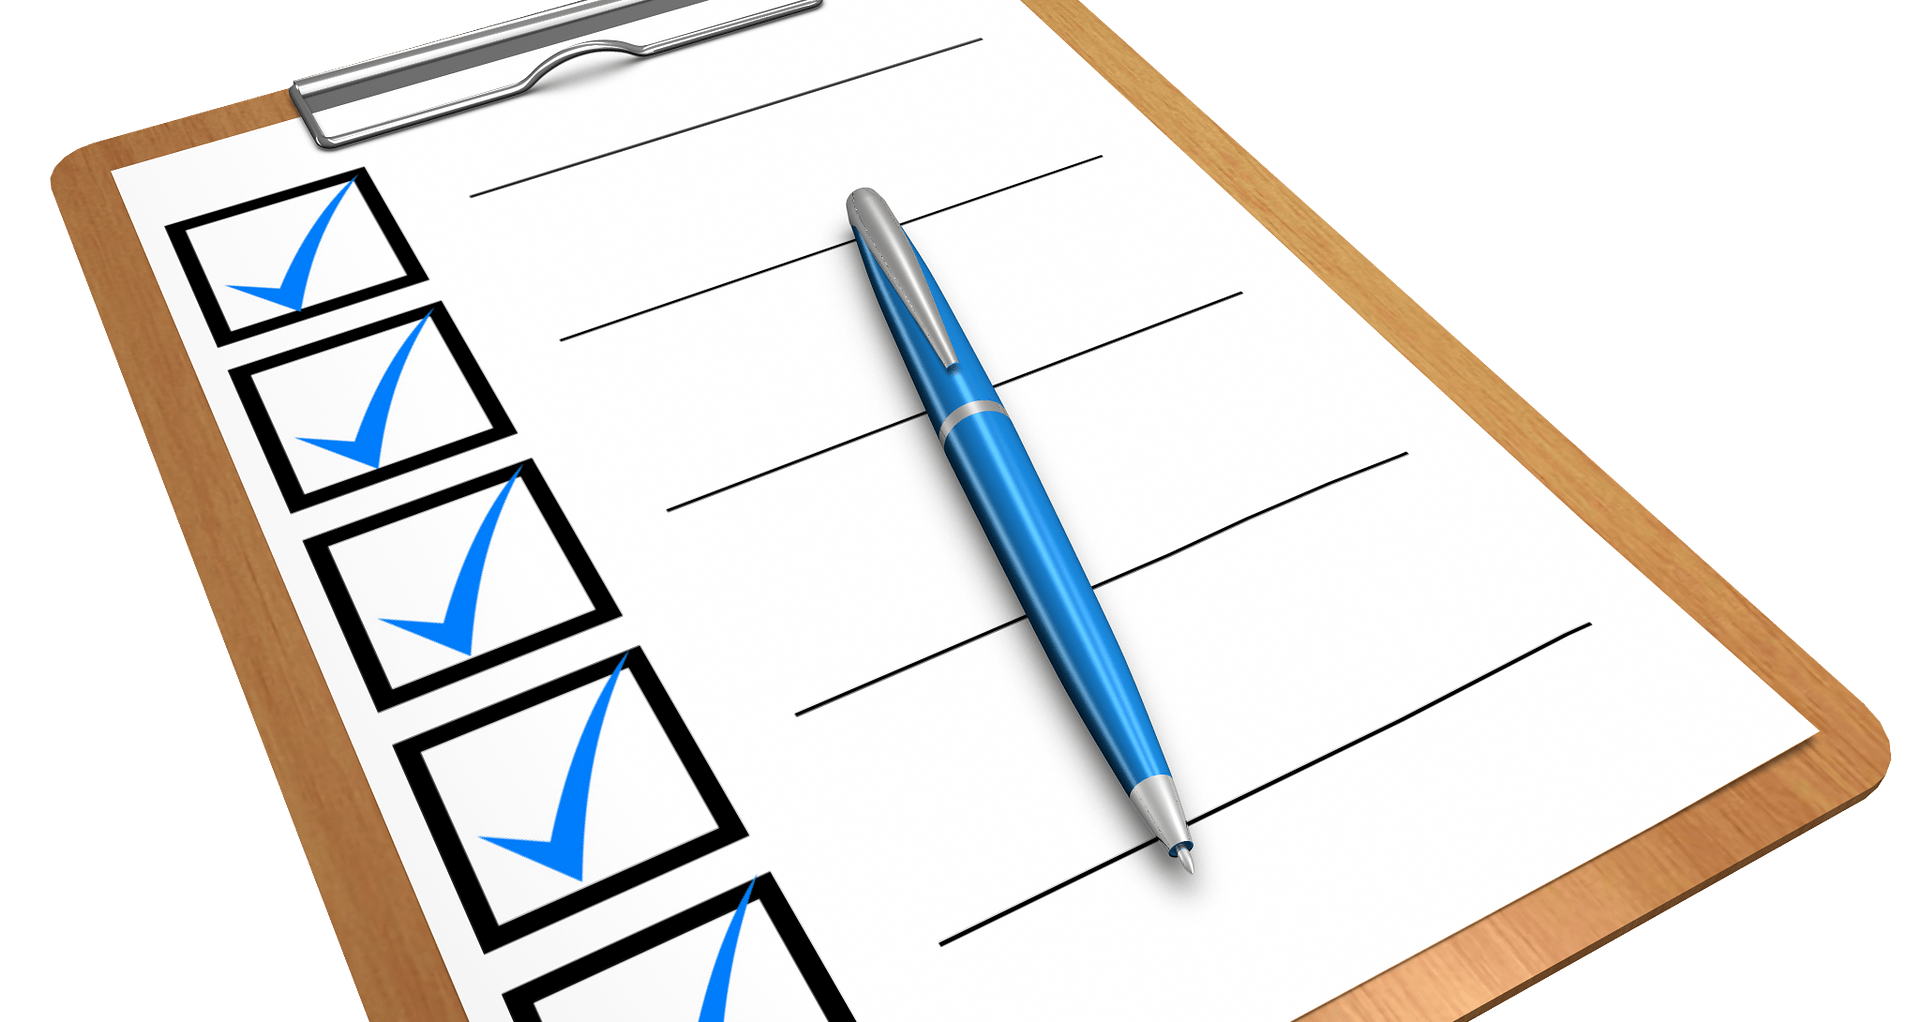 Zertifizierung von Medizinprodukten